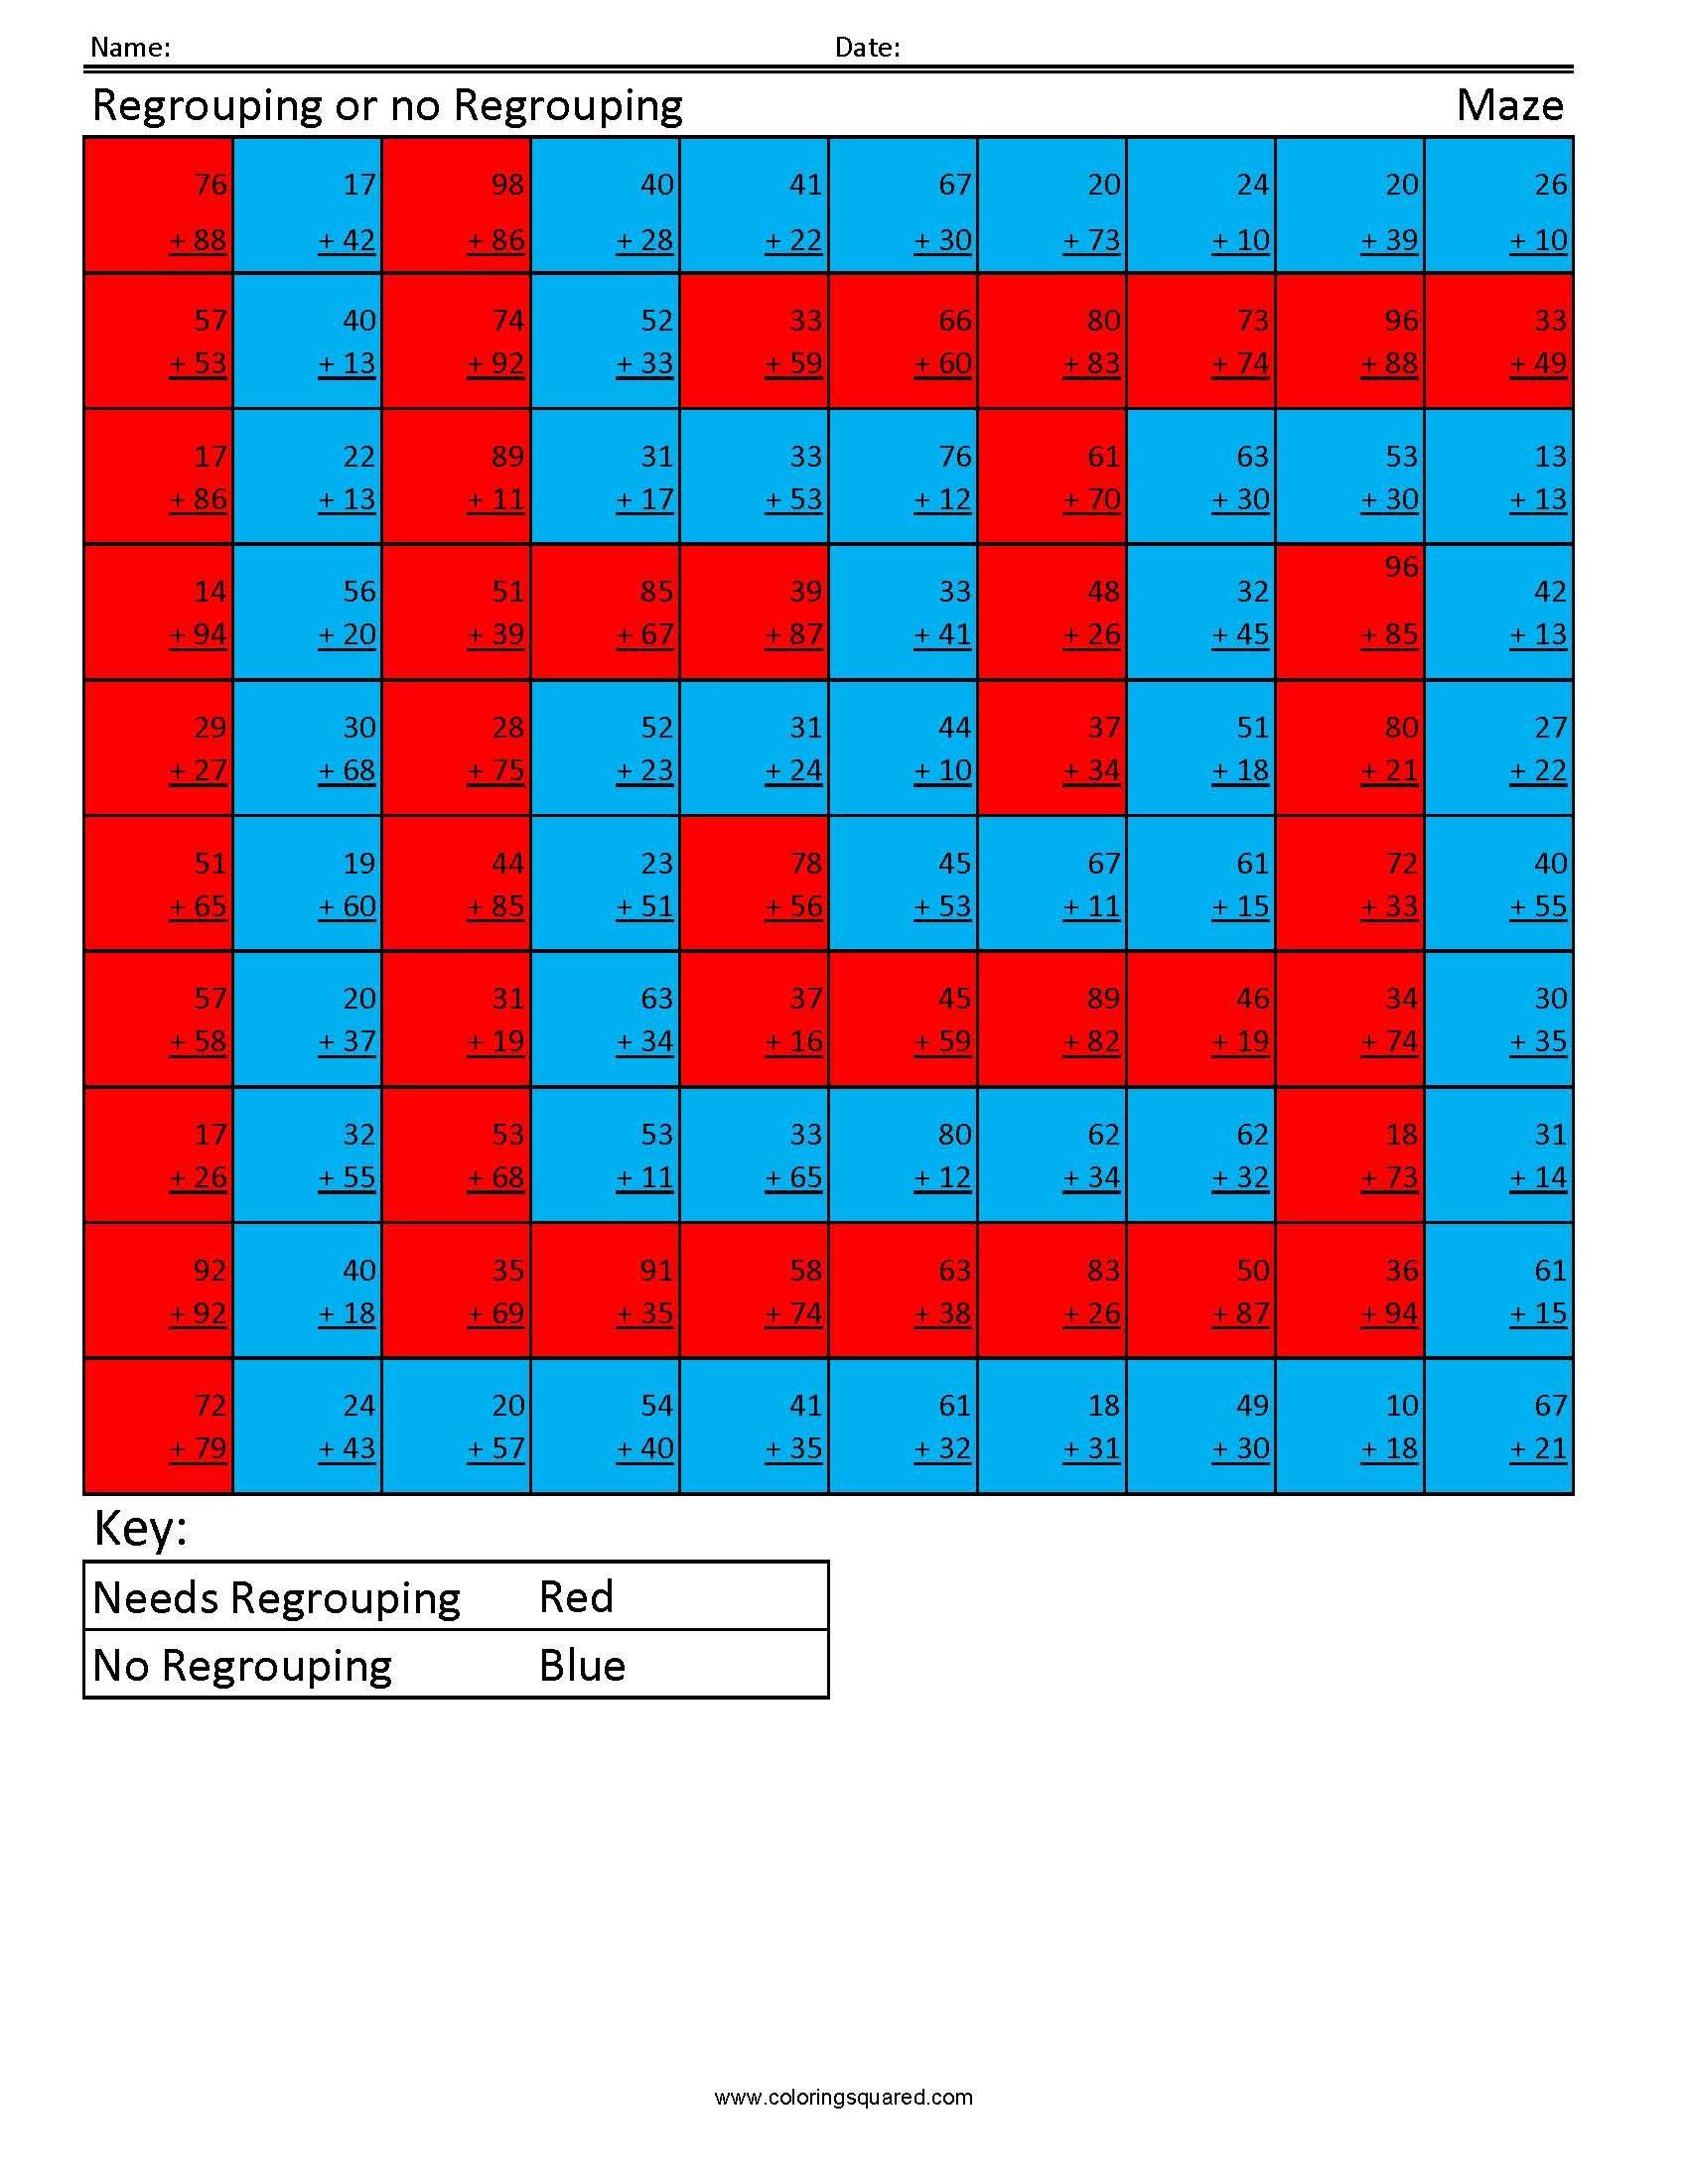 Addition Regrouping- Maze | anika | Pinterest | Maze, Math and ...